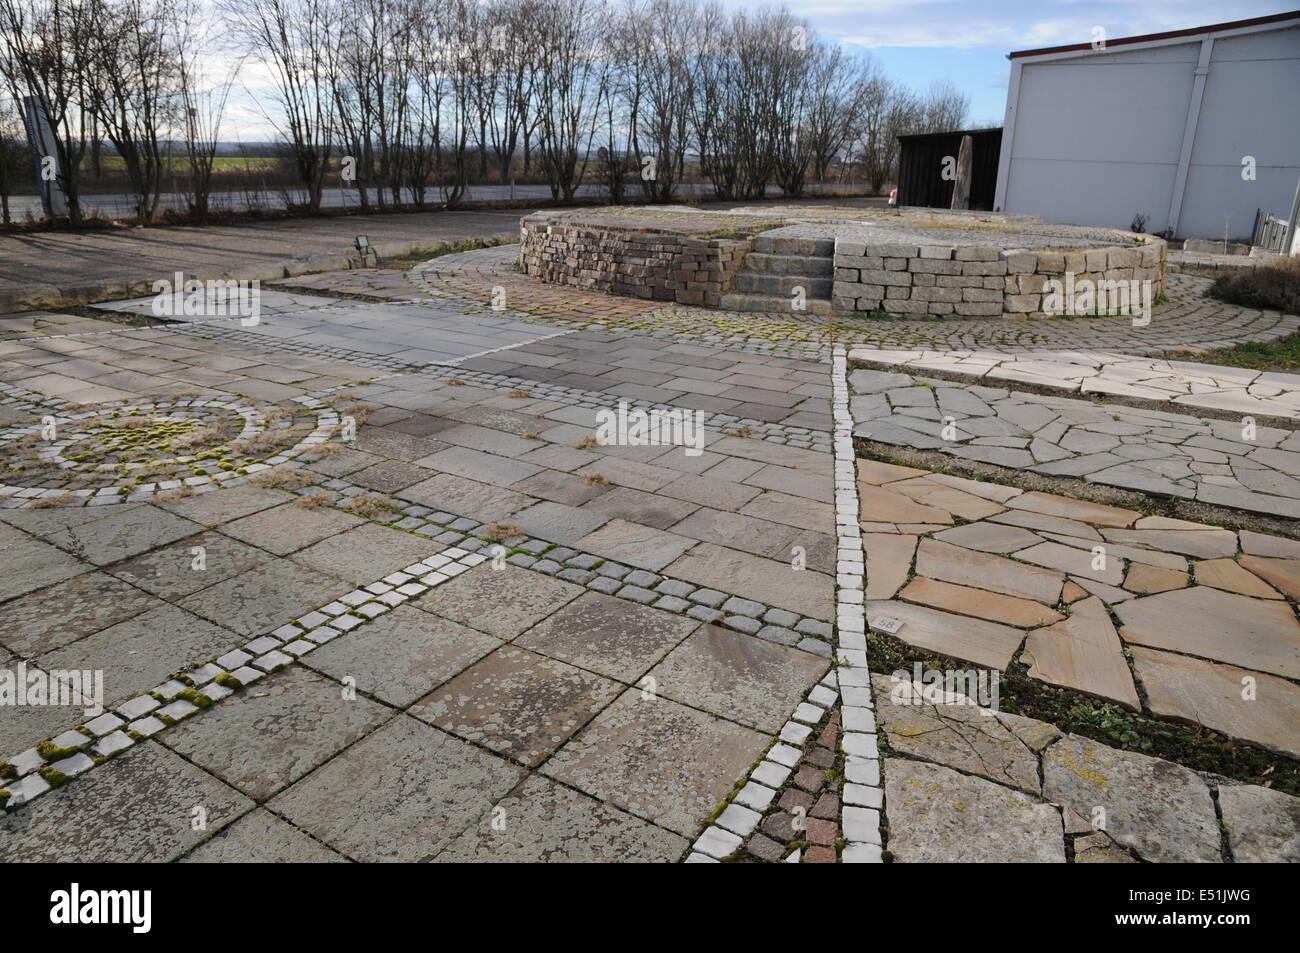 Pavements - Stock Image